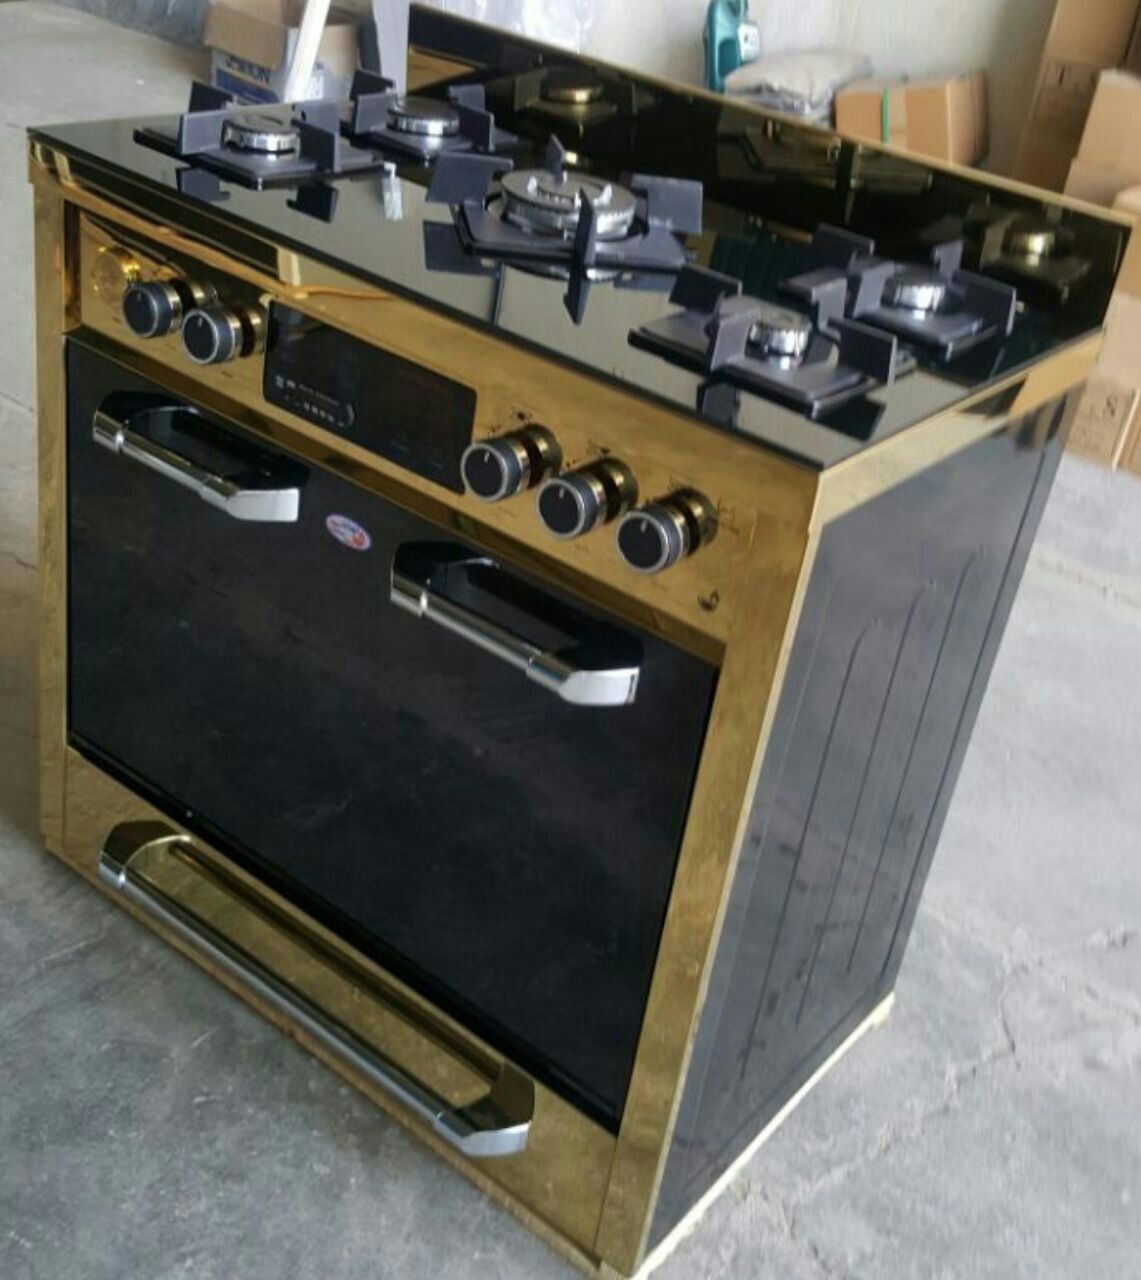 اجاق گاز طرح فر تهران سوز tehransouz مدل تکنو تکدرب مشکی نما طلایی